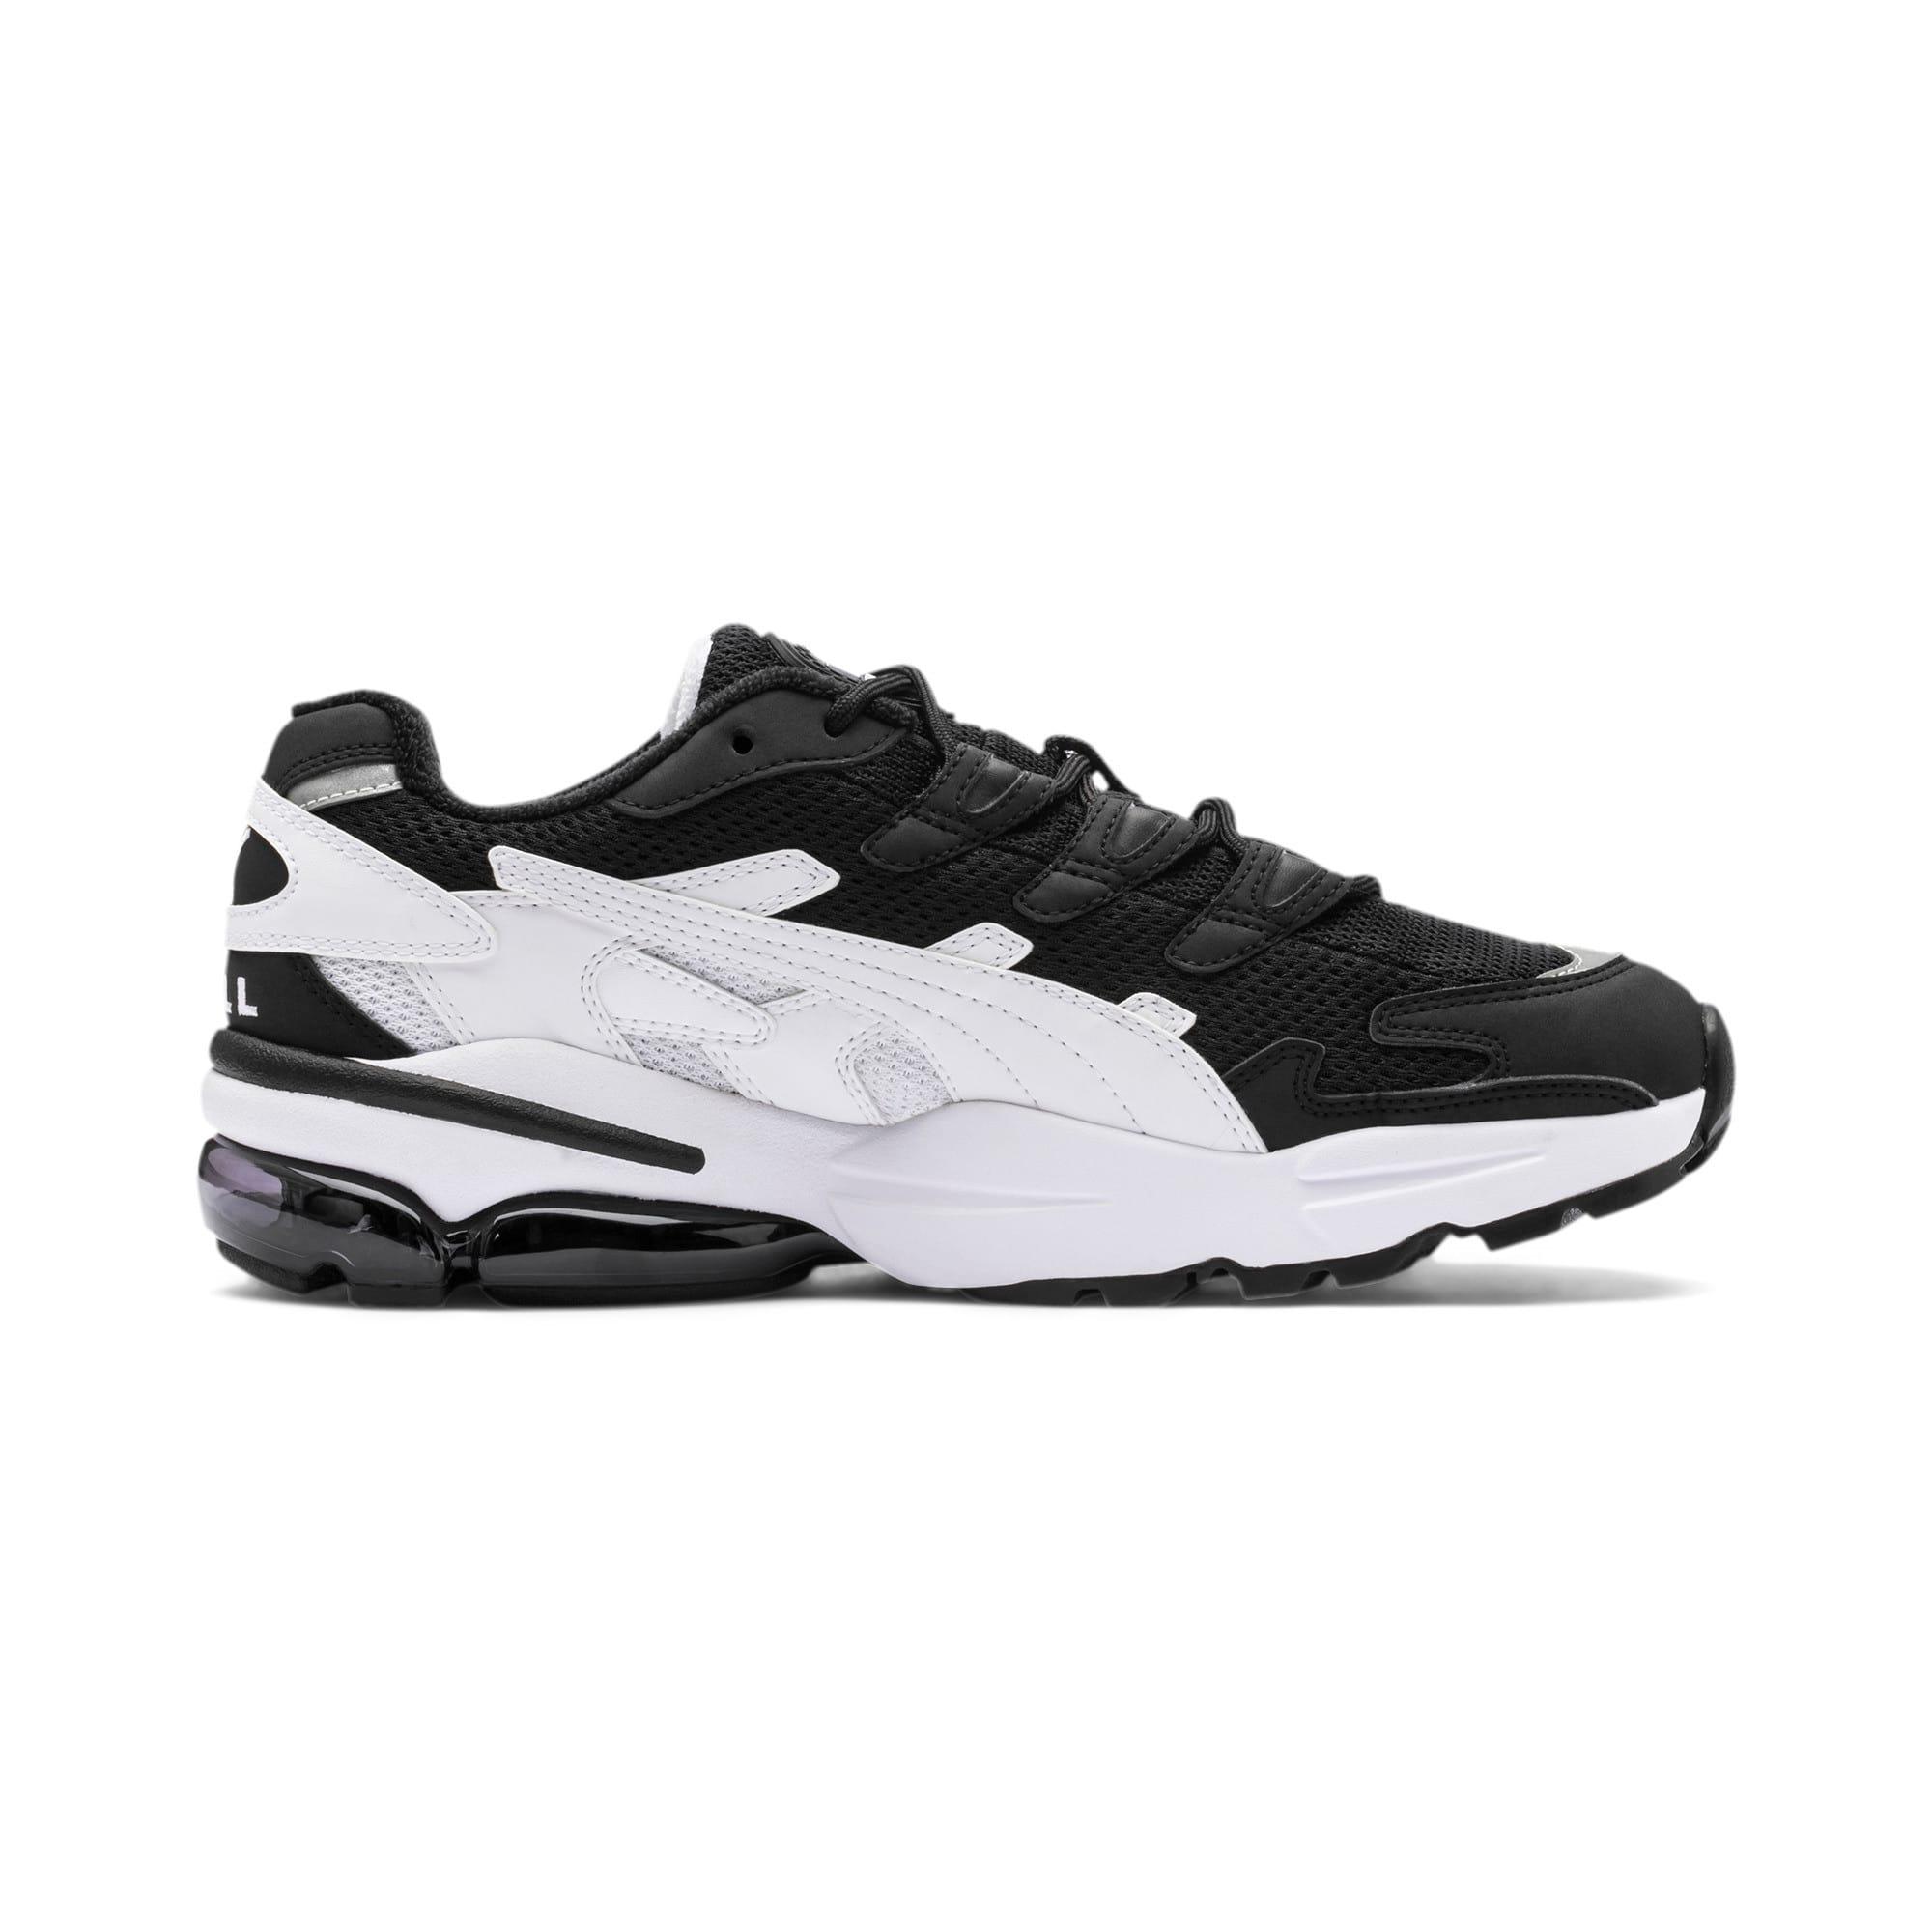 Thumbnail 6 of CELL Alien OG Sneakers, Puma Black-Puma White, medium